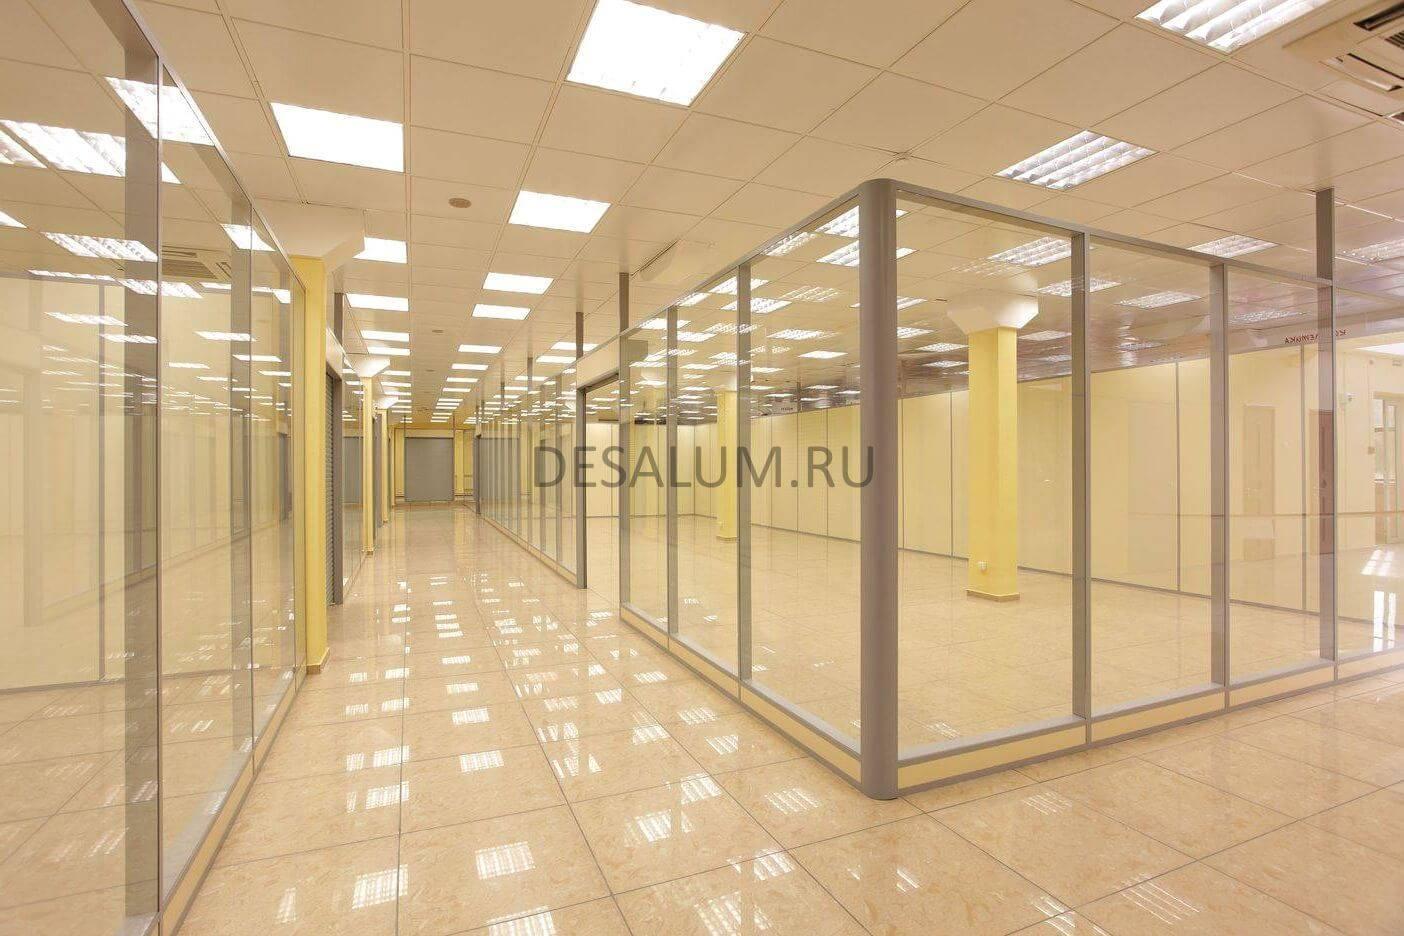 Перегородки для торговых центров desalum